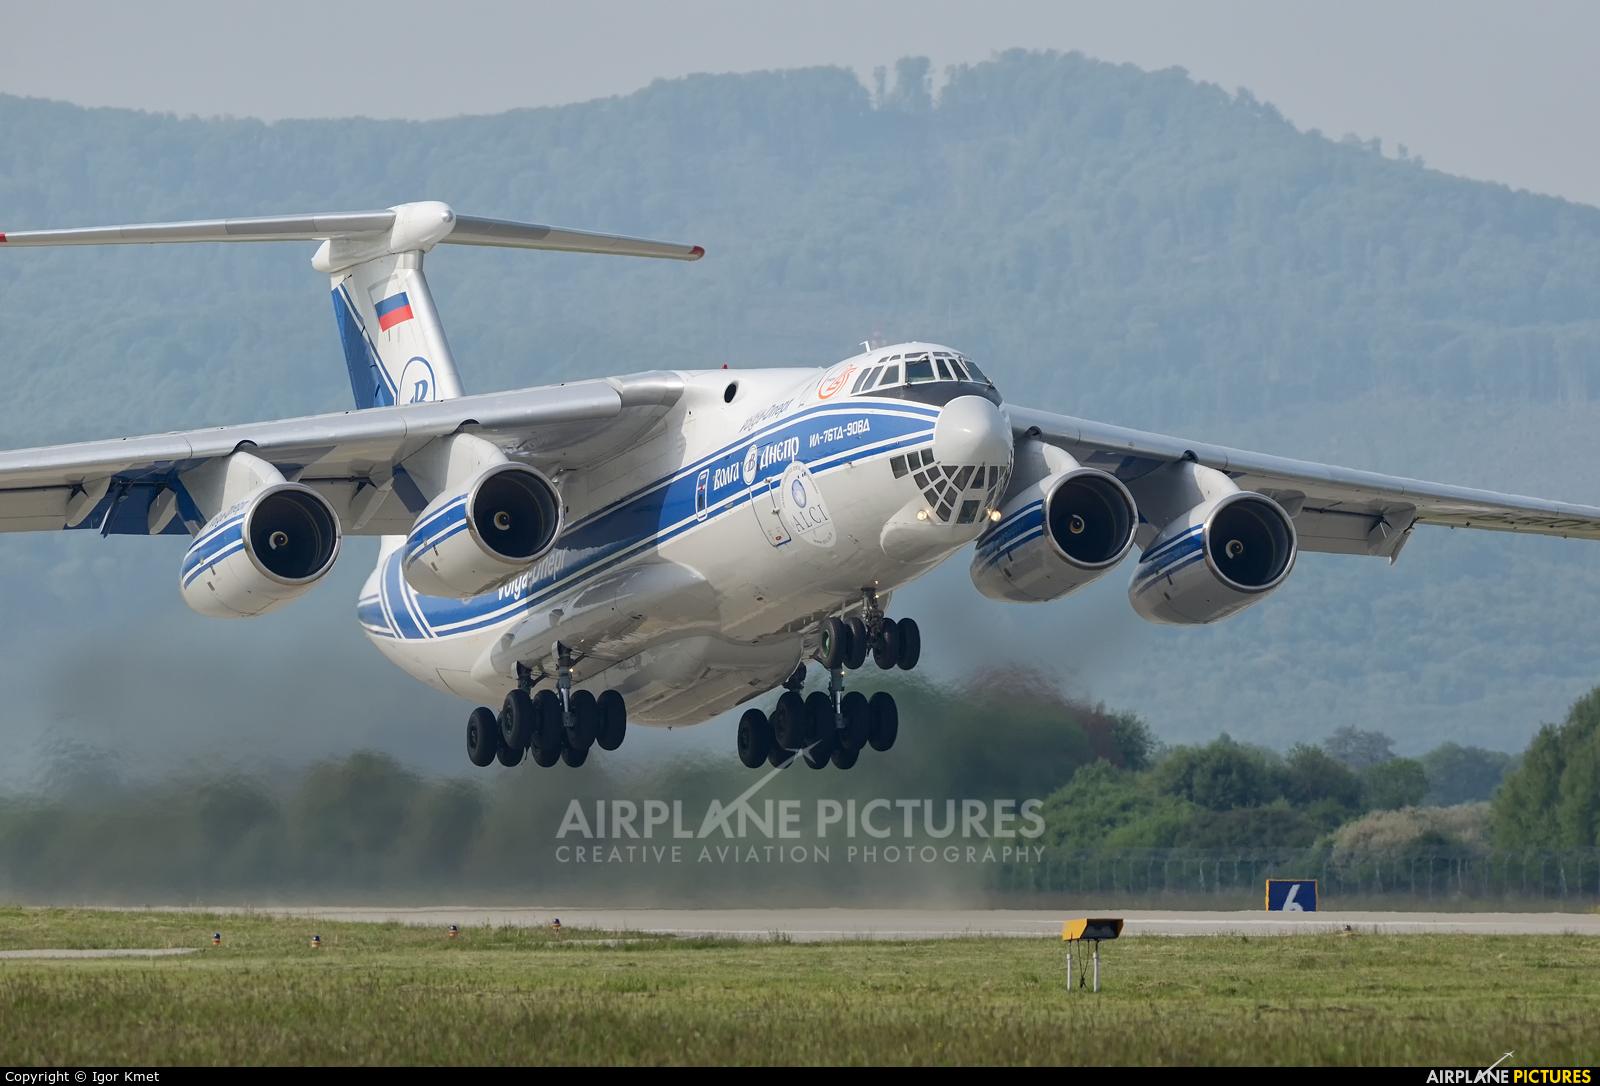 Volga Dnepr Airlines RA-76503 aircraft at Sliač